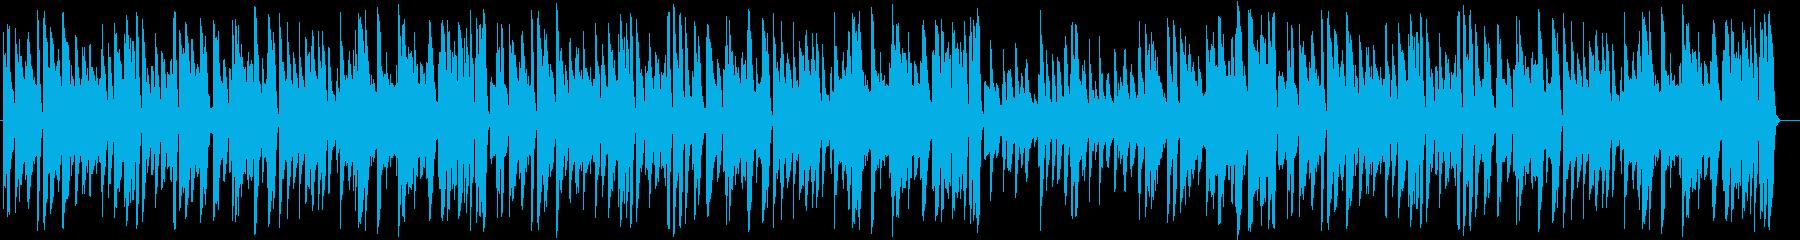 【生演奏】小気味よいお洒落なジャズピアノの再生済みの波形